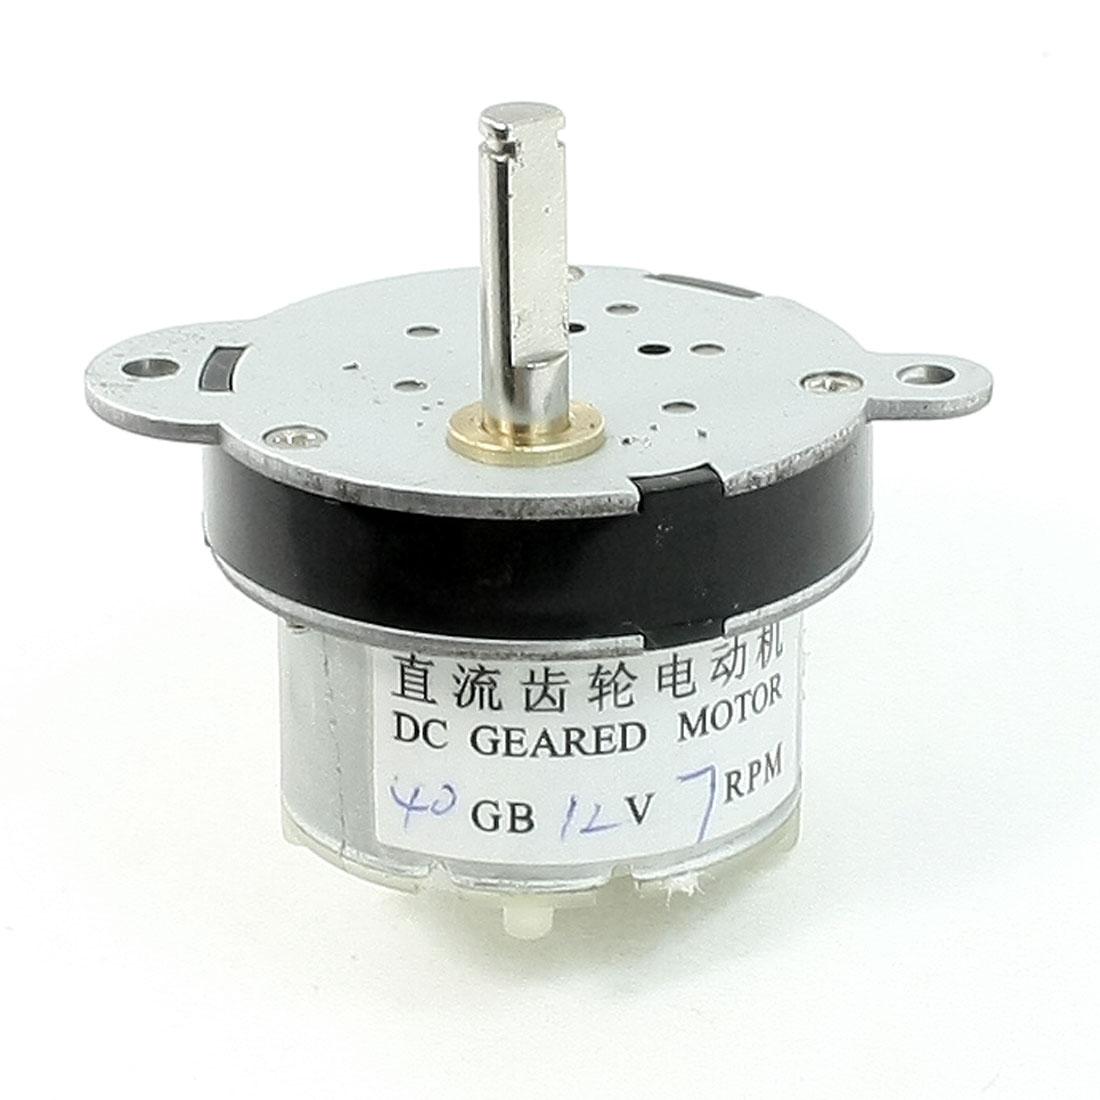 5mm Dia Output Shaft 7RPM DC 12V Gear Motor Speed Reducer